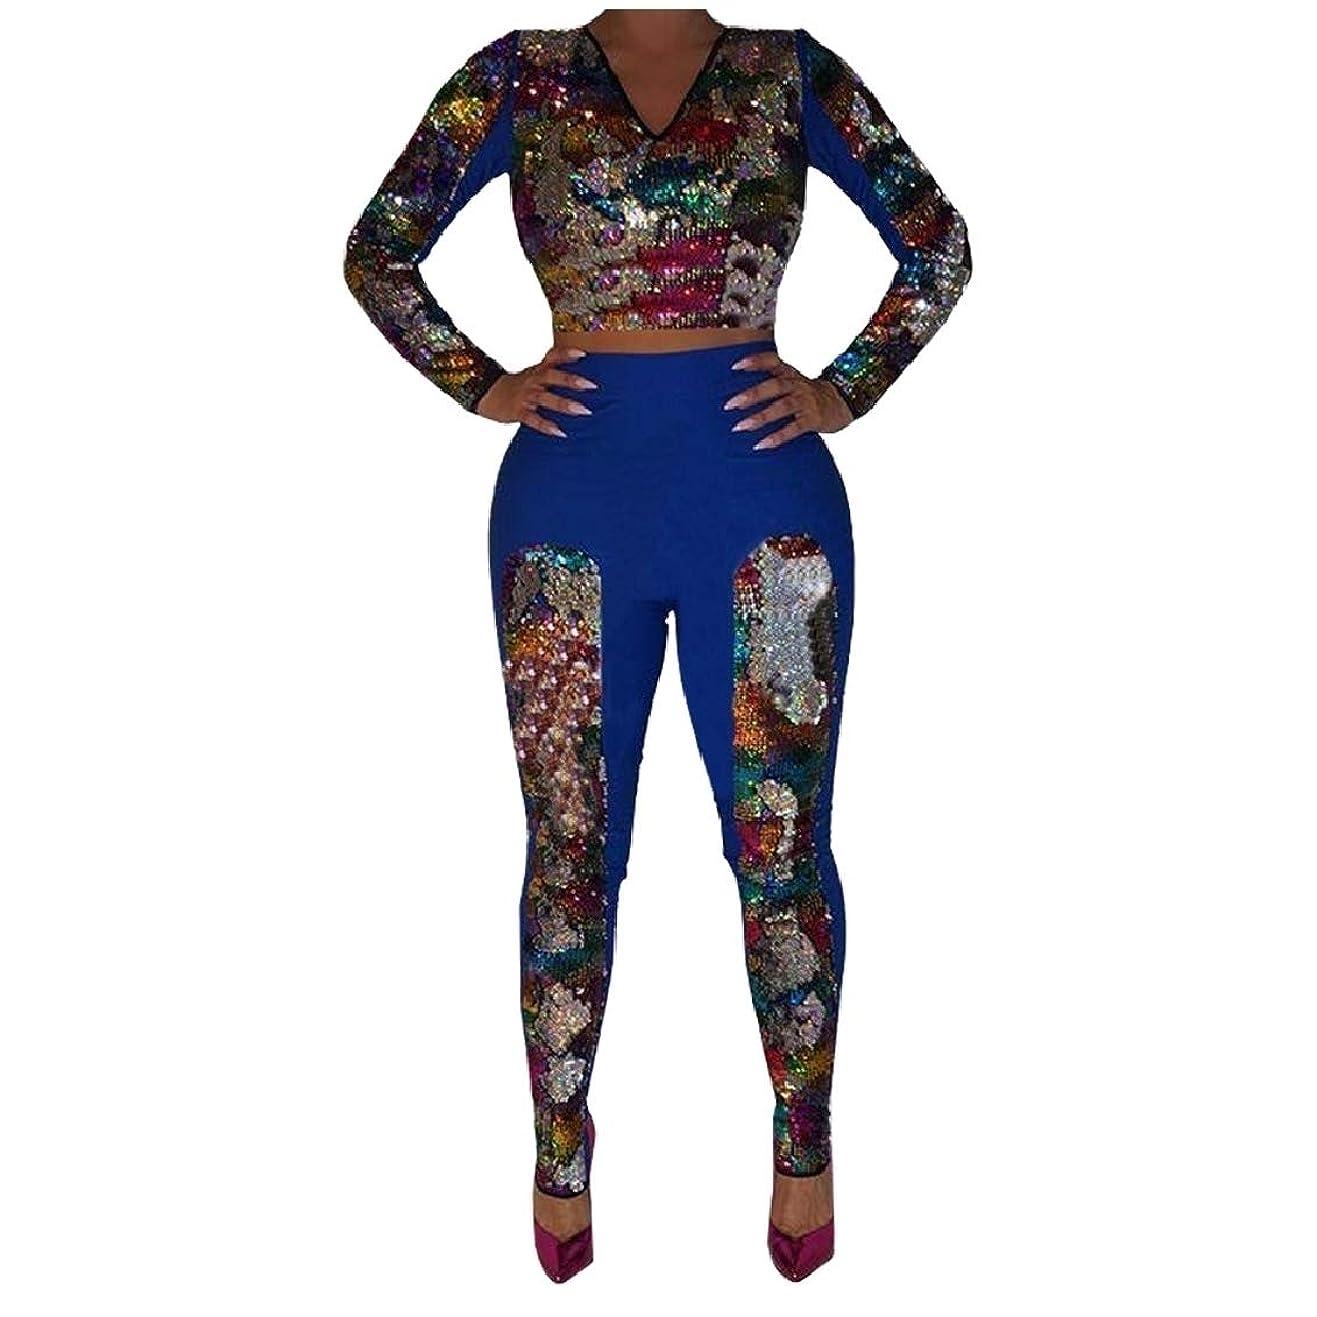 くさび明日航海GodeyesW 女性のプラスサイズシムcolortoneスパンコールジョガースウェットシャツセット